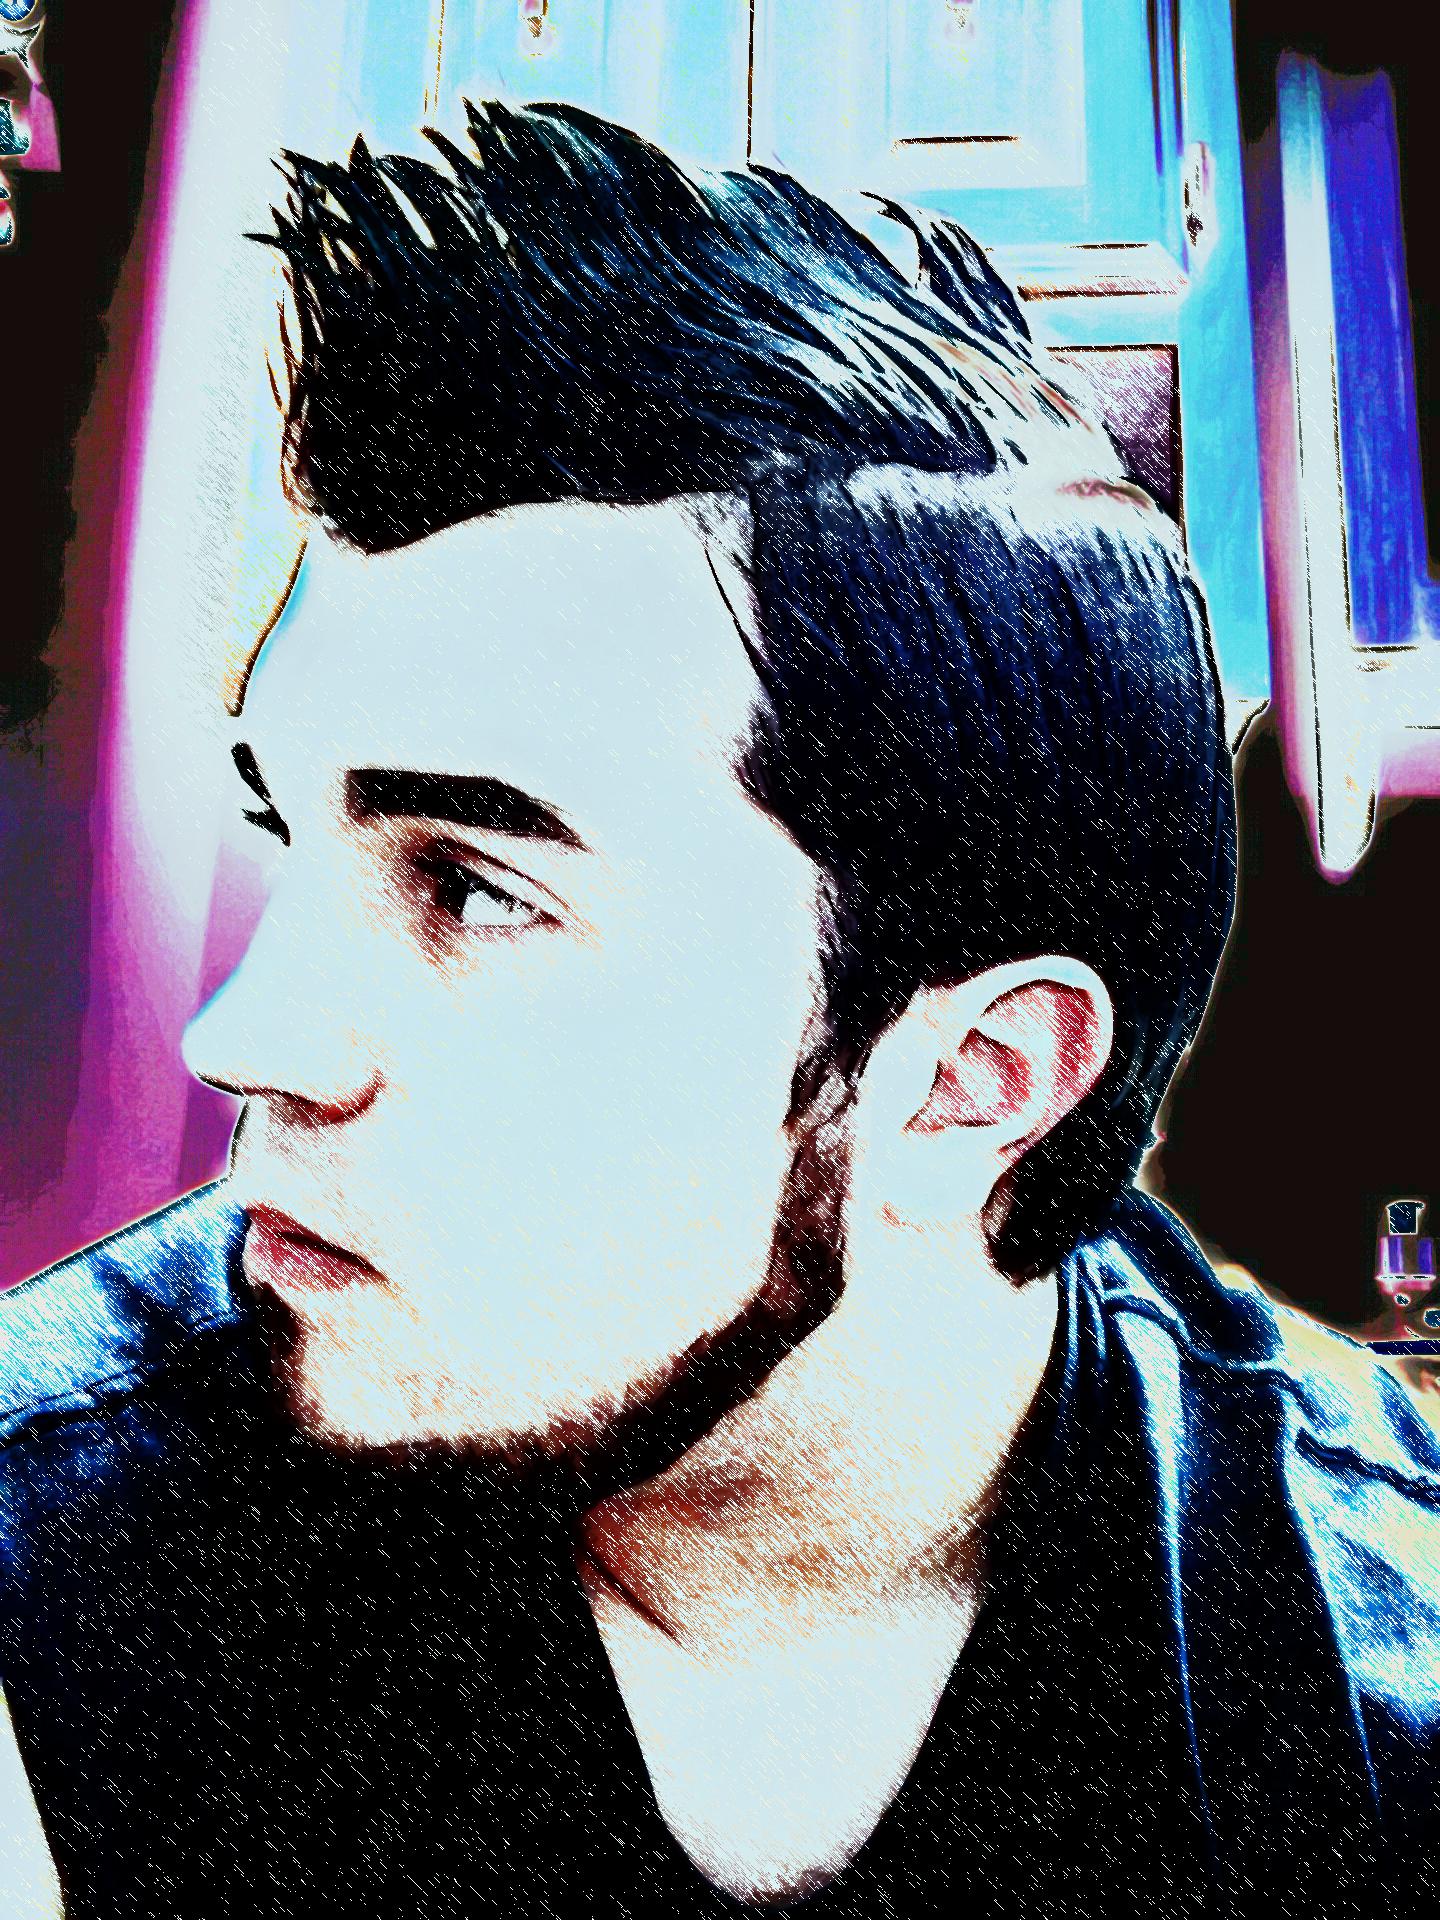 Killerx20's Profile Picture